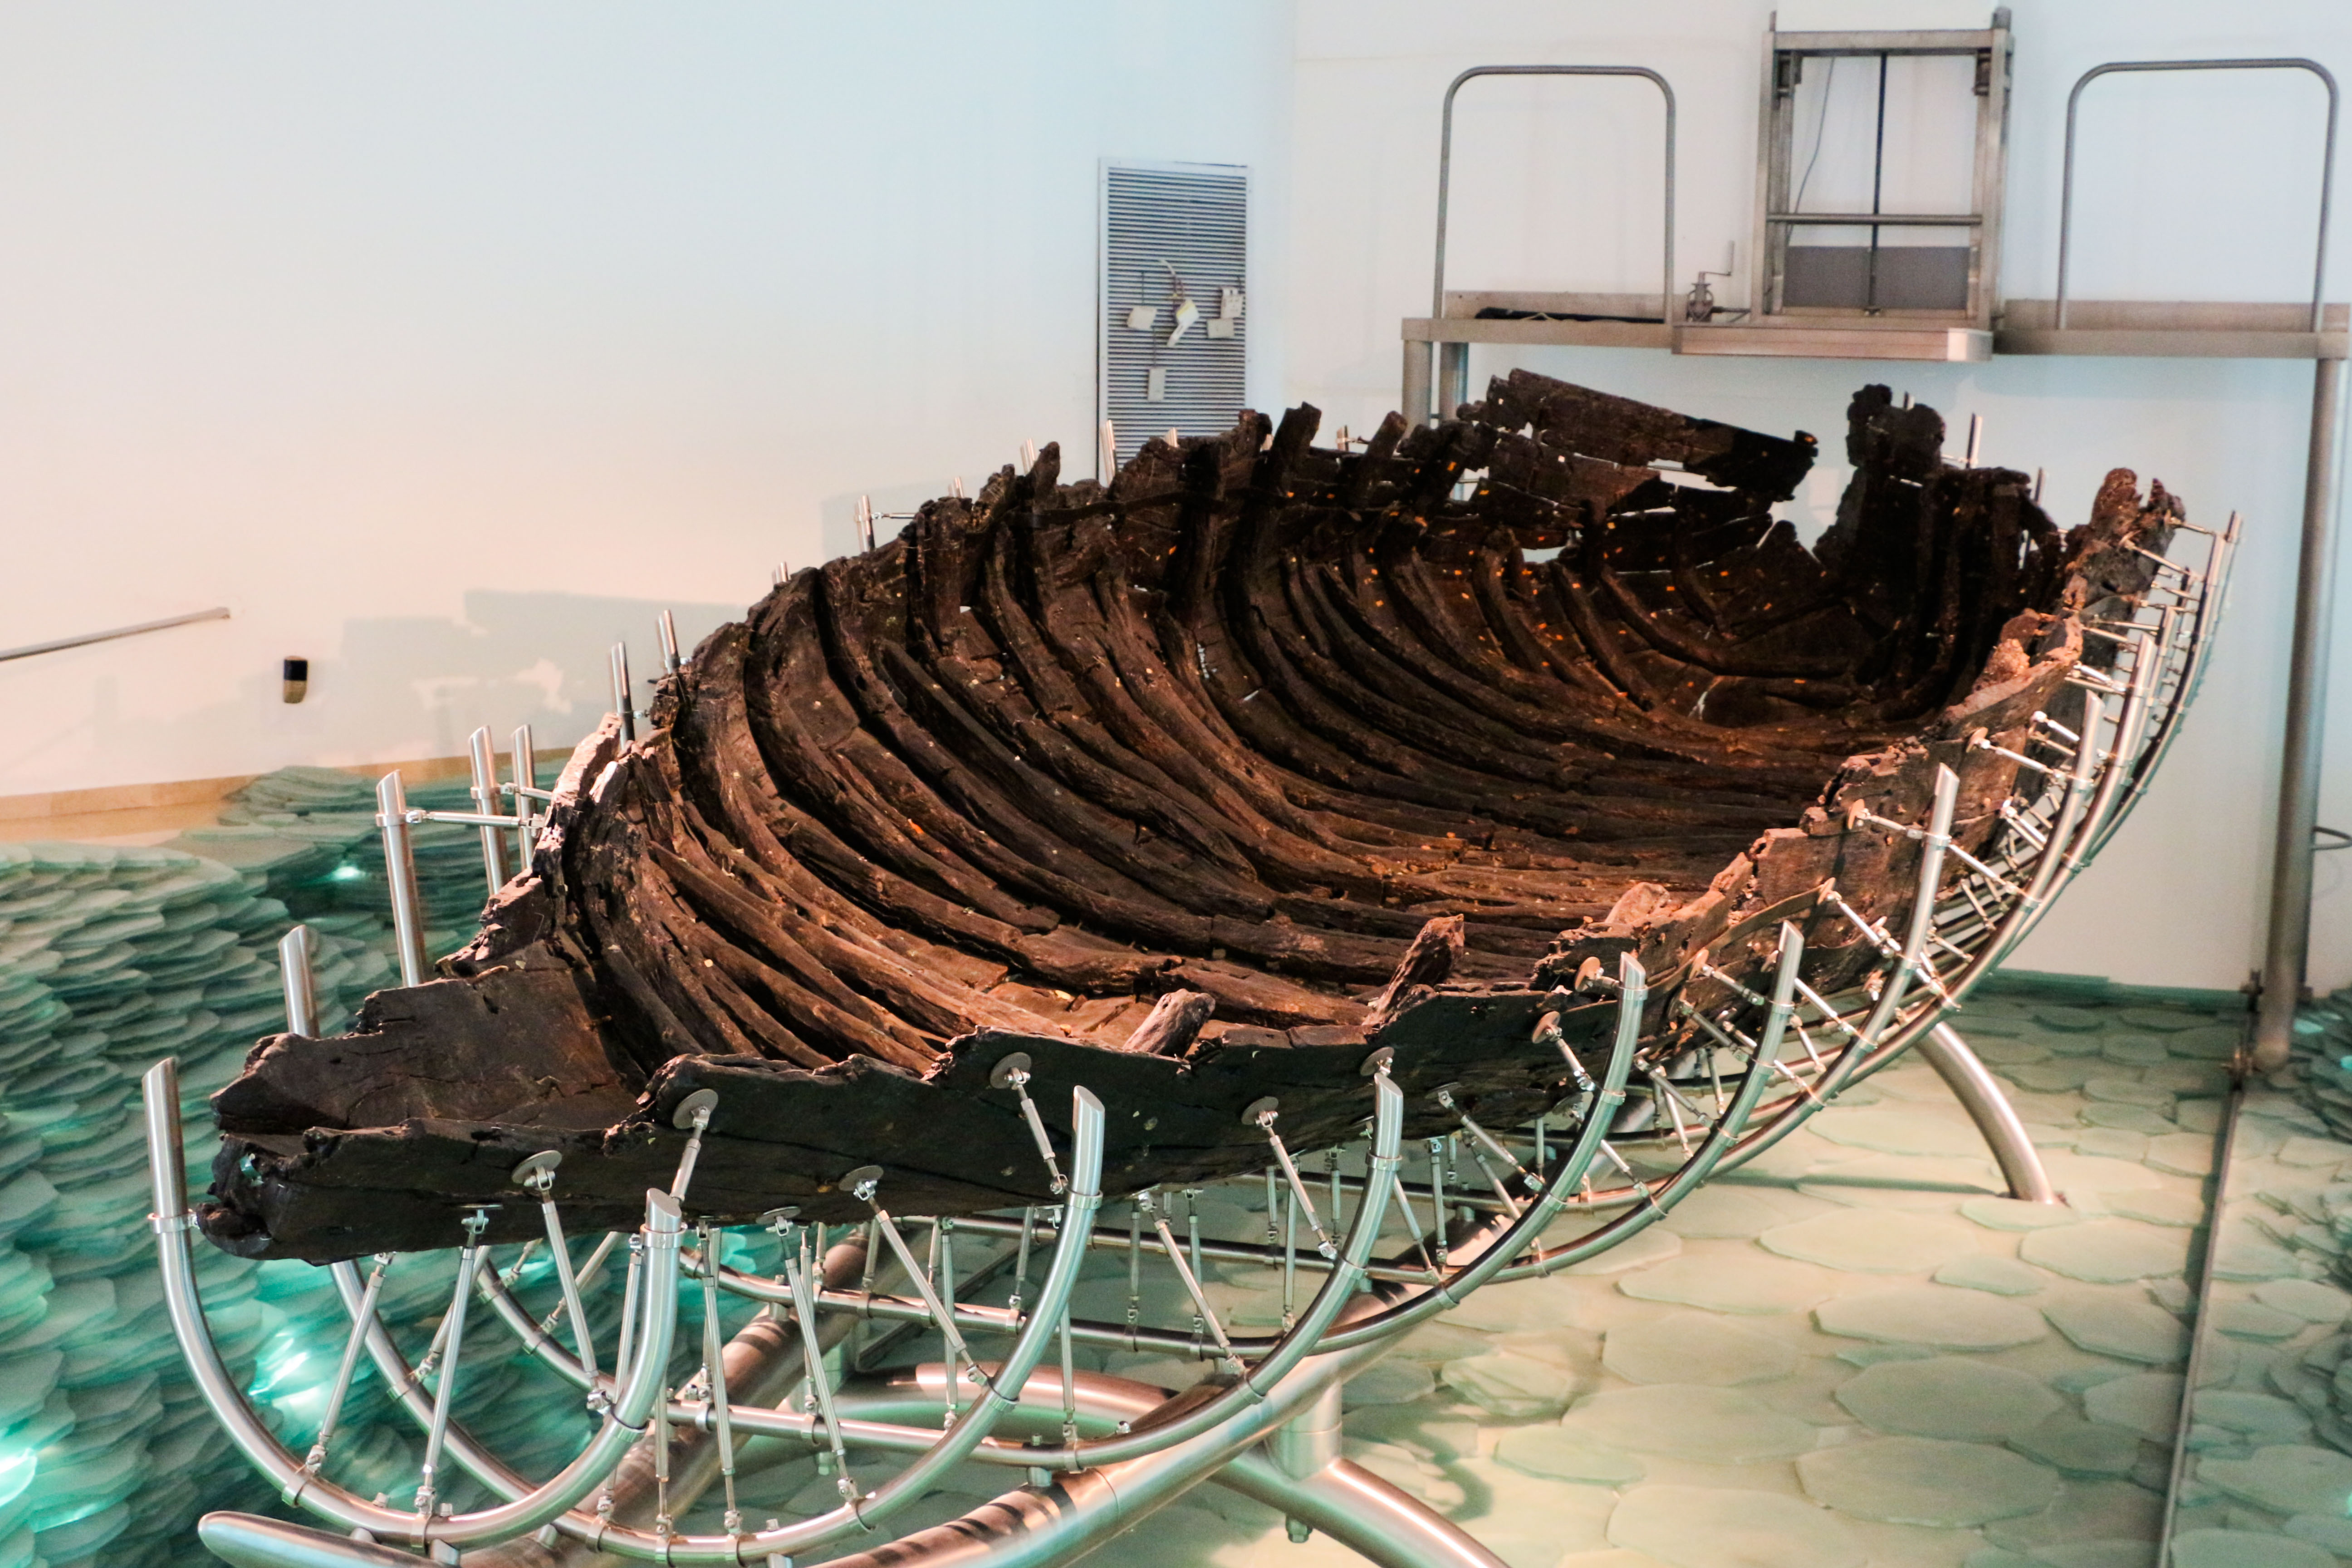 上图:1986年在加利利海西北部发掘的主后一世纪的渔船,长8.3米,宽2.3米 ,高约1.3米。现存于Ginosar基布兹的Yigal Alon博物馆。